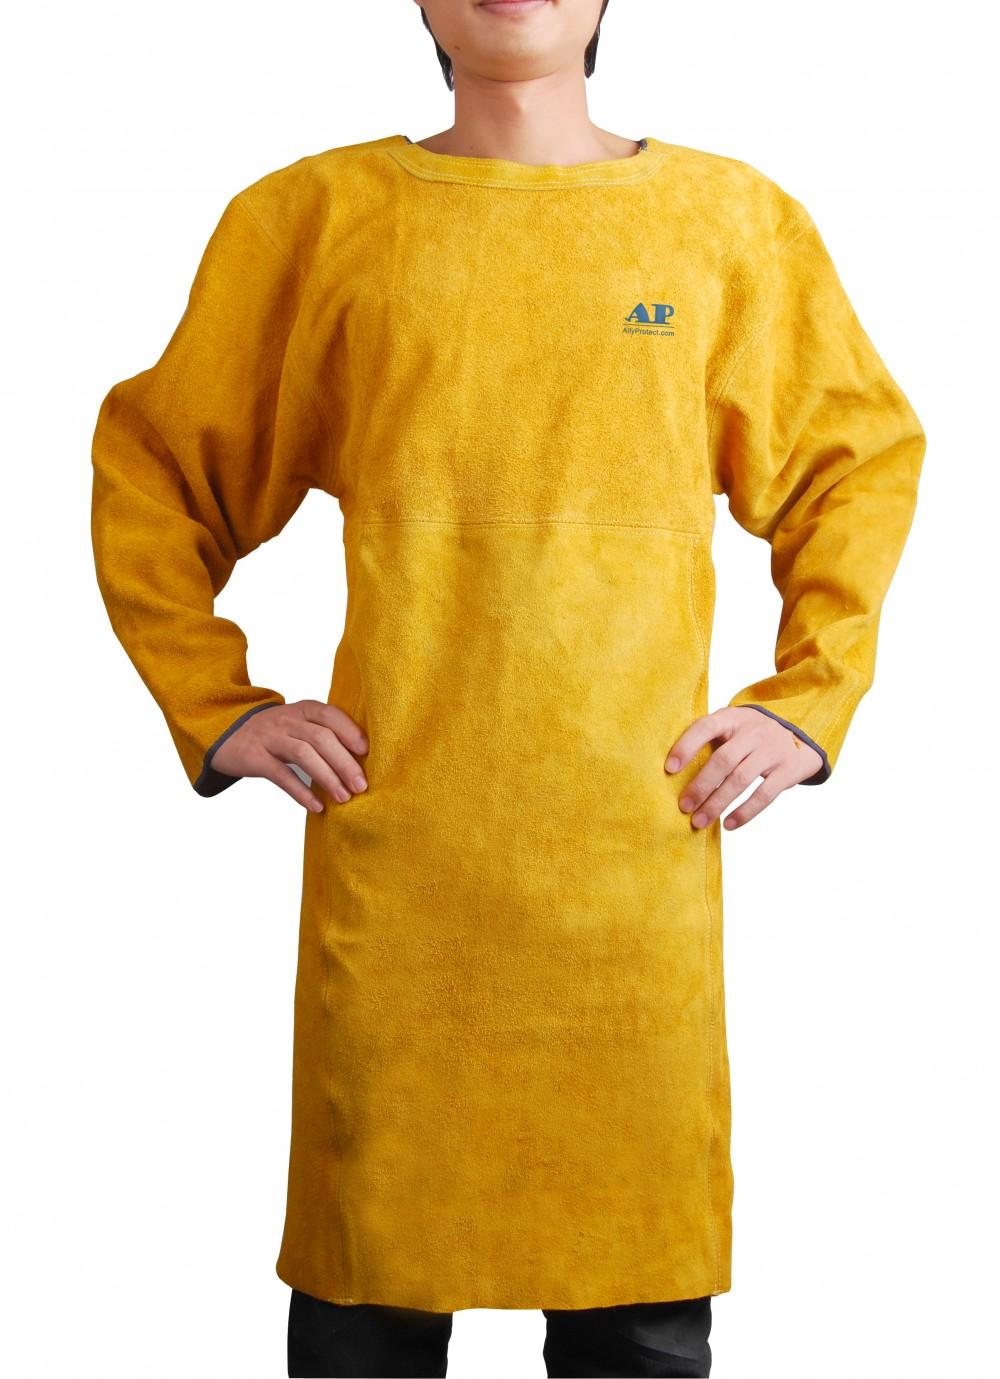 AP-6200友盟全皮实用款开背式电焊围裙